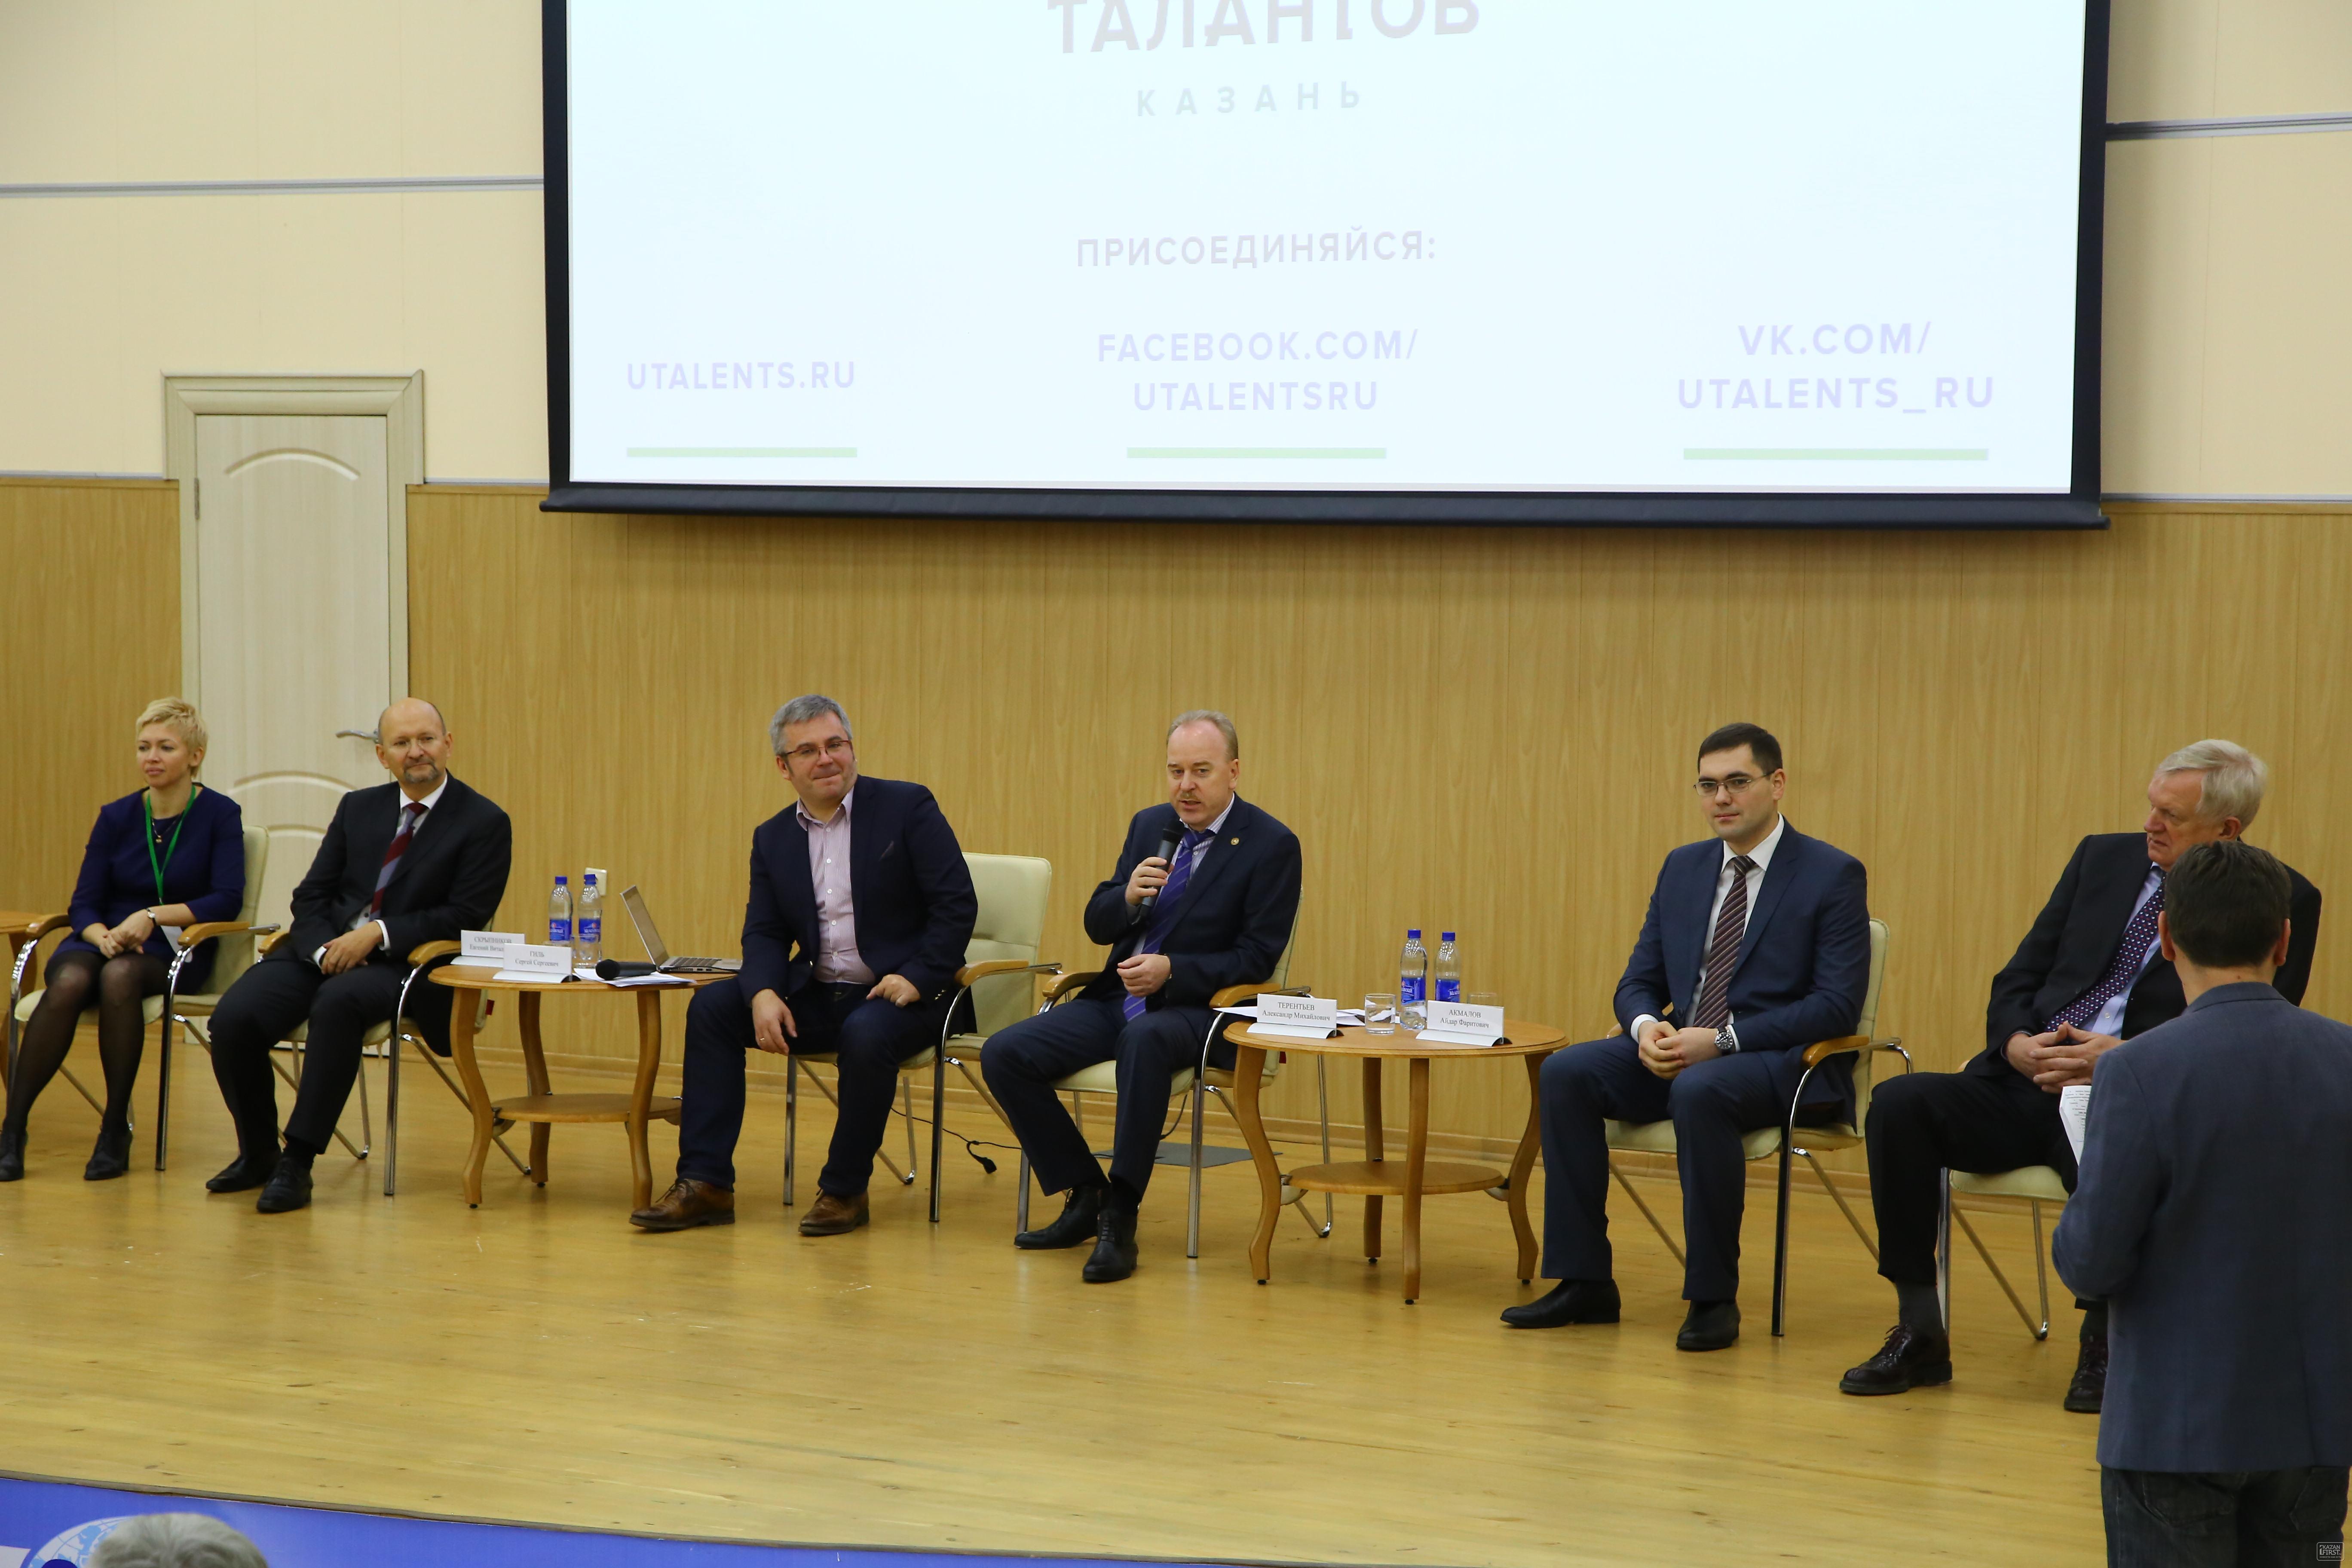 Казанский университет талантов, провел Проектный сбор наставников.